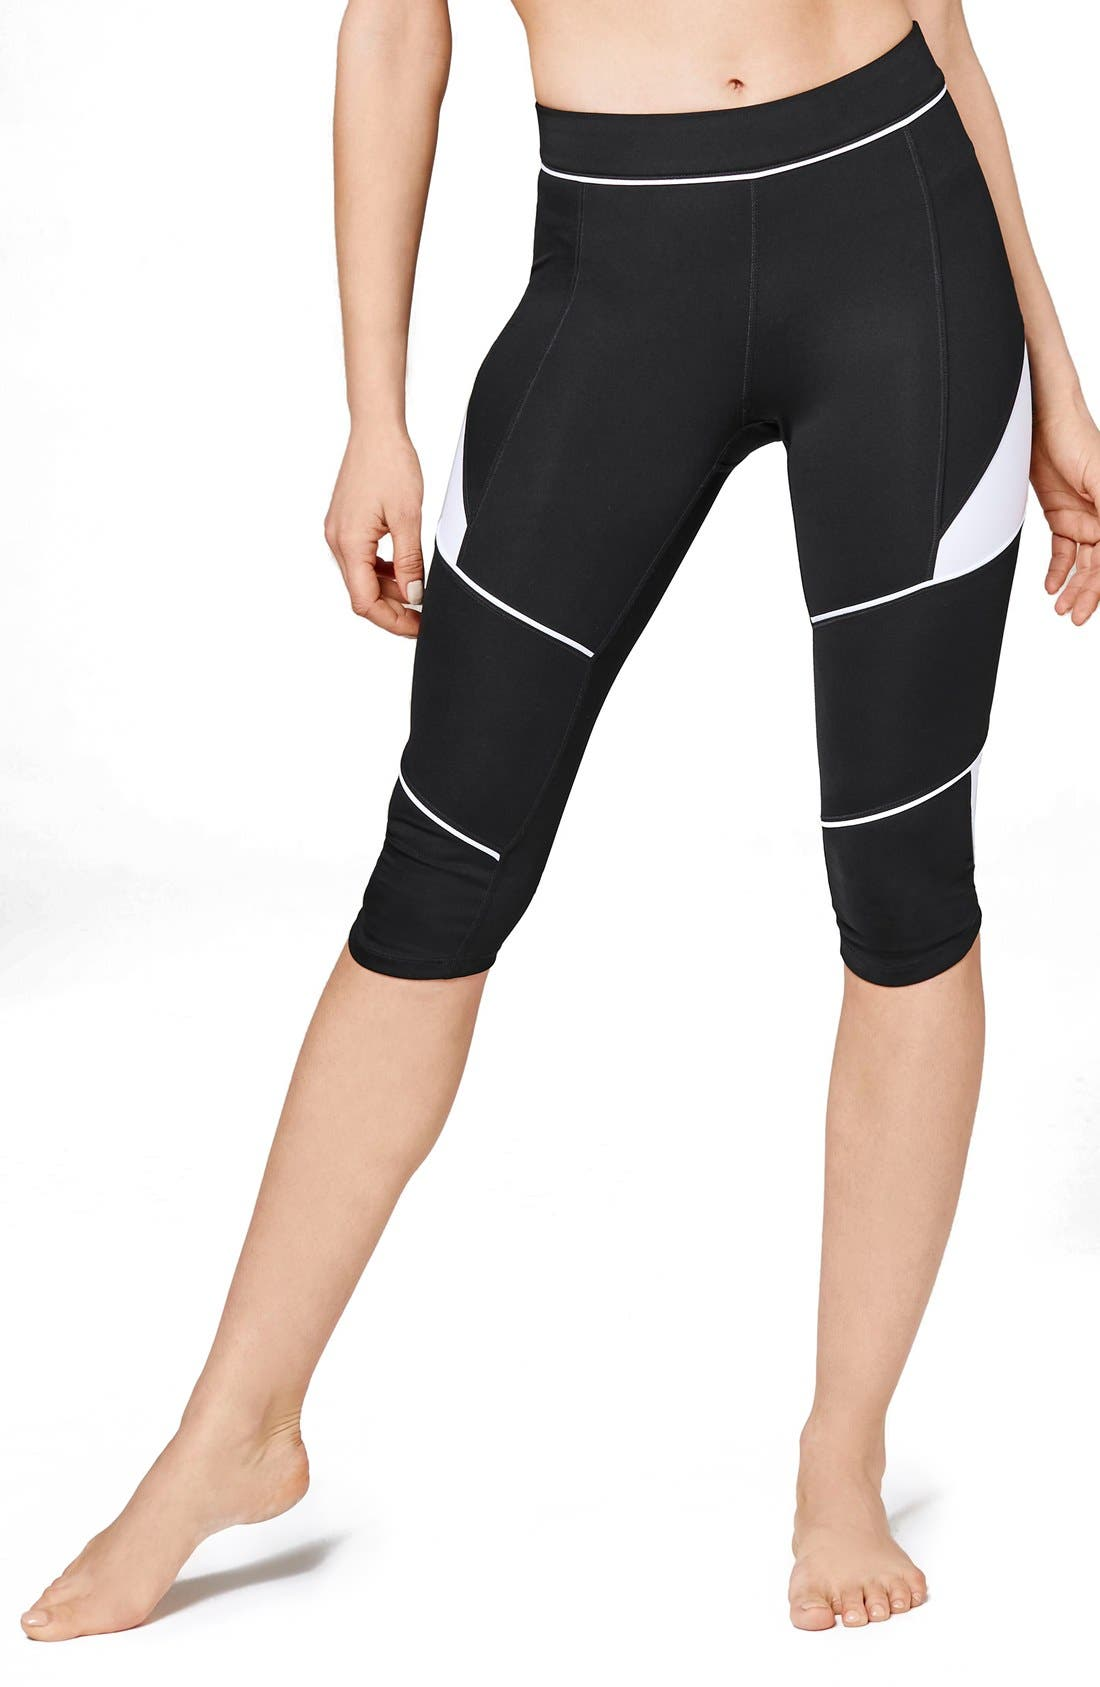 Main Image - IVY PARK® Biker Colorblock Capri Leggings